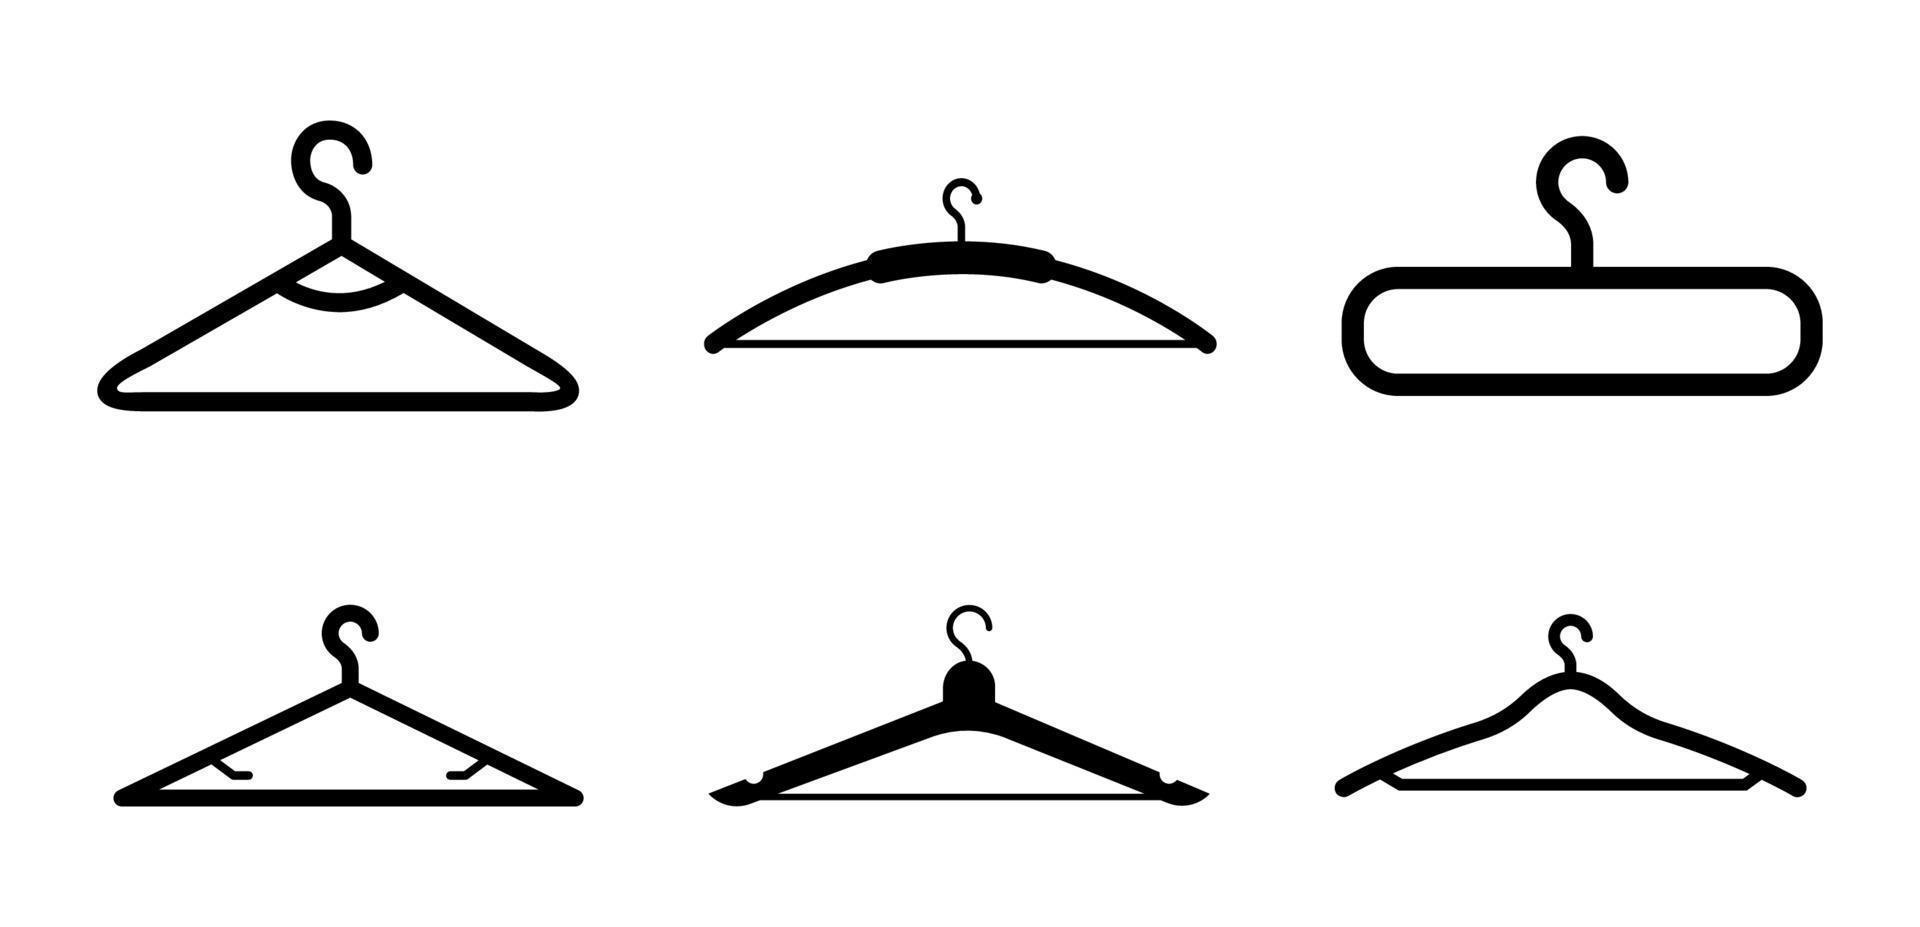 conjunto de ícones de cabide - ilustração vetorial. vetor